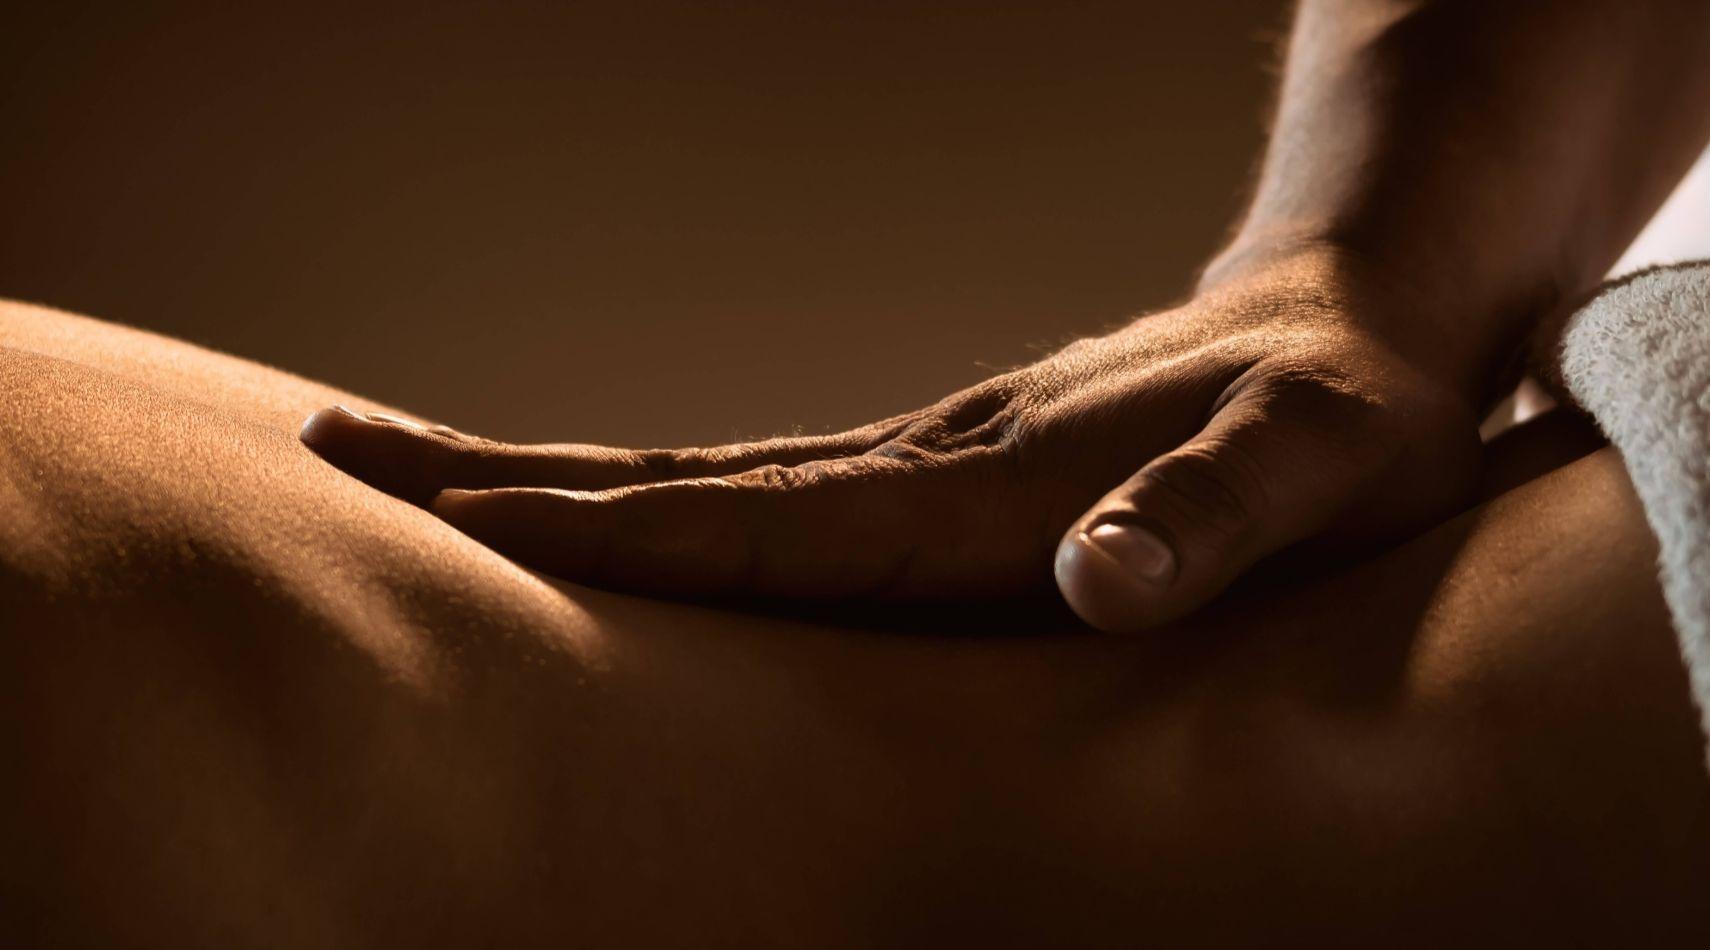 Vychutnajte si kúzlo dotyku